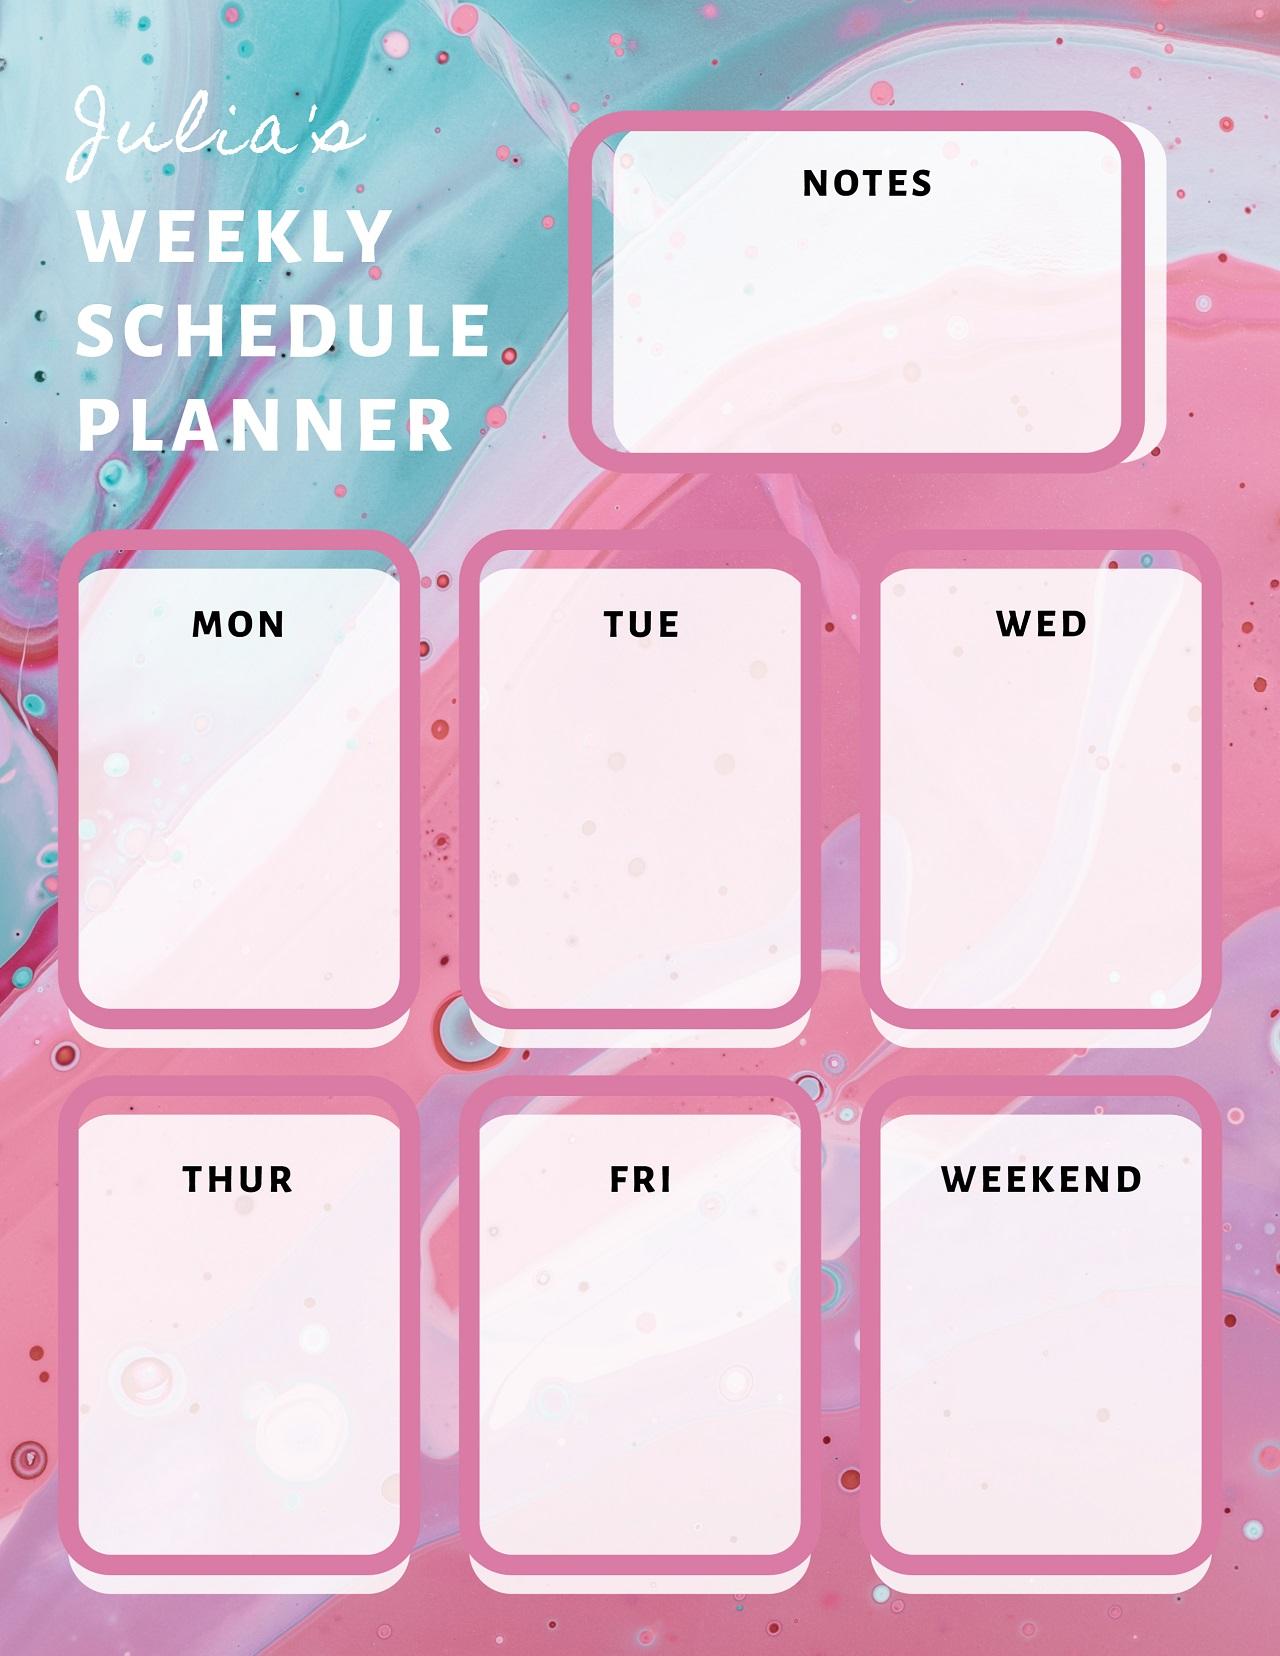 Final custom schedule planner